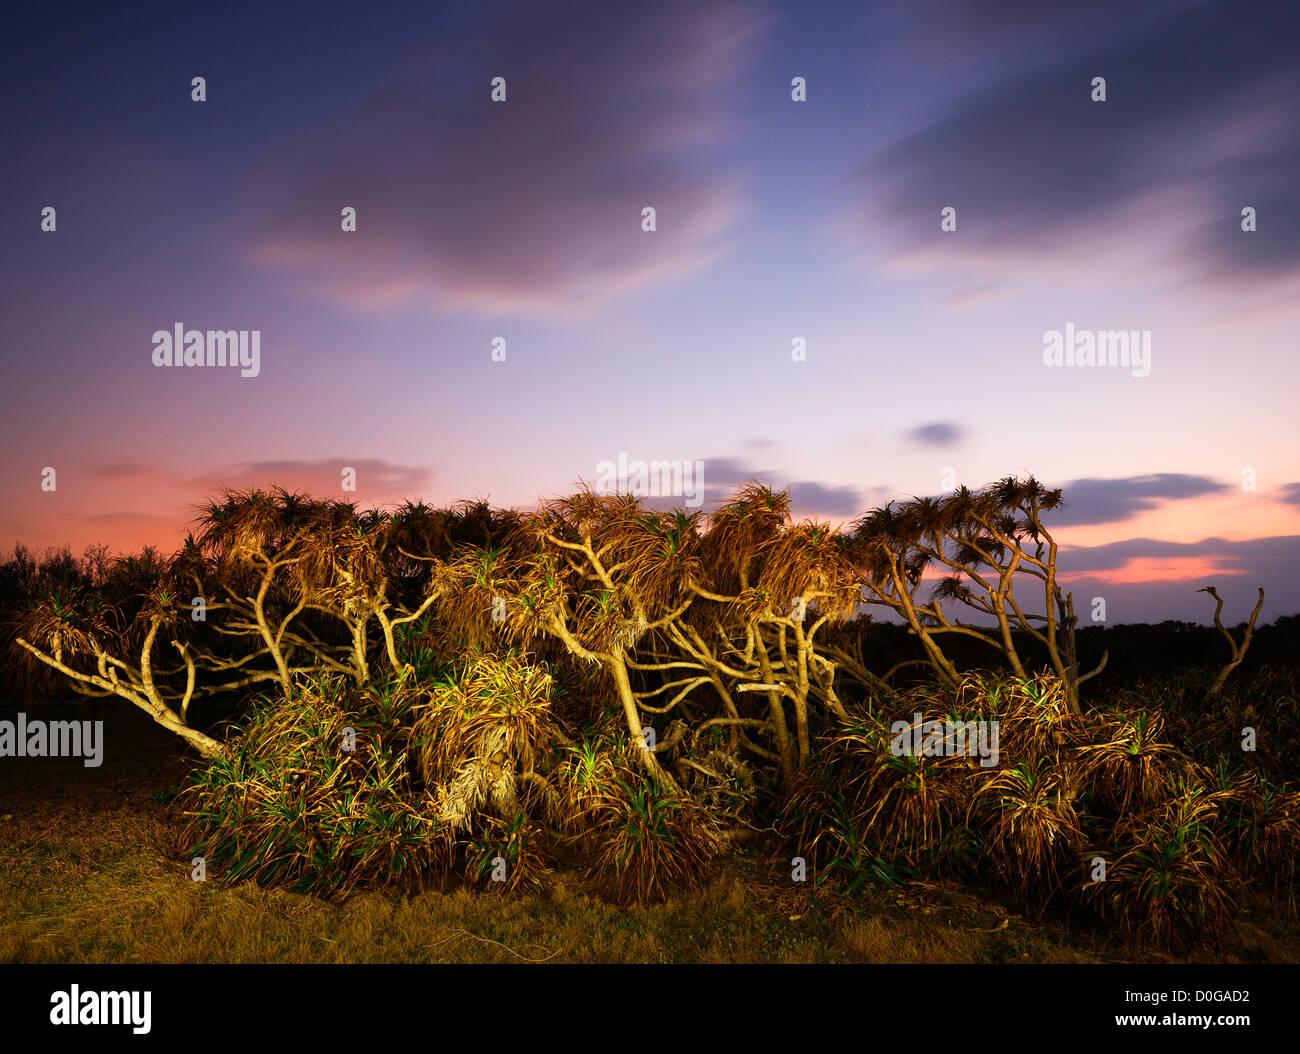 Plantes tropicales au crépuscule dans Manzamo, Okinawa Photo Stock